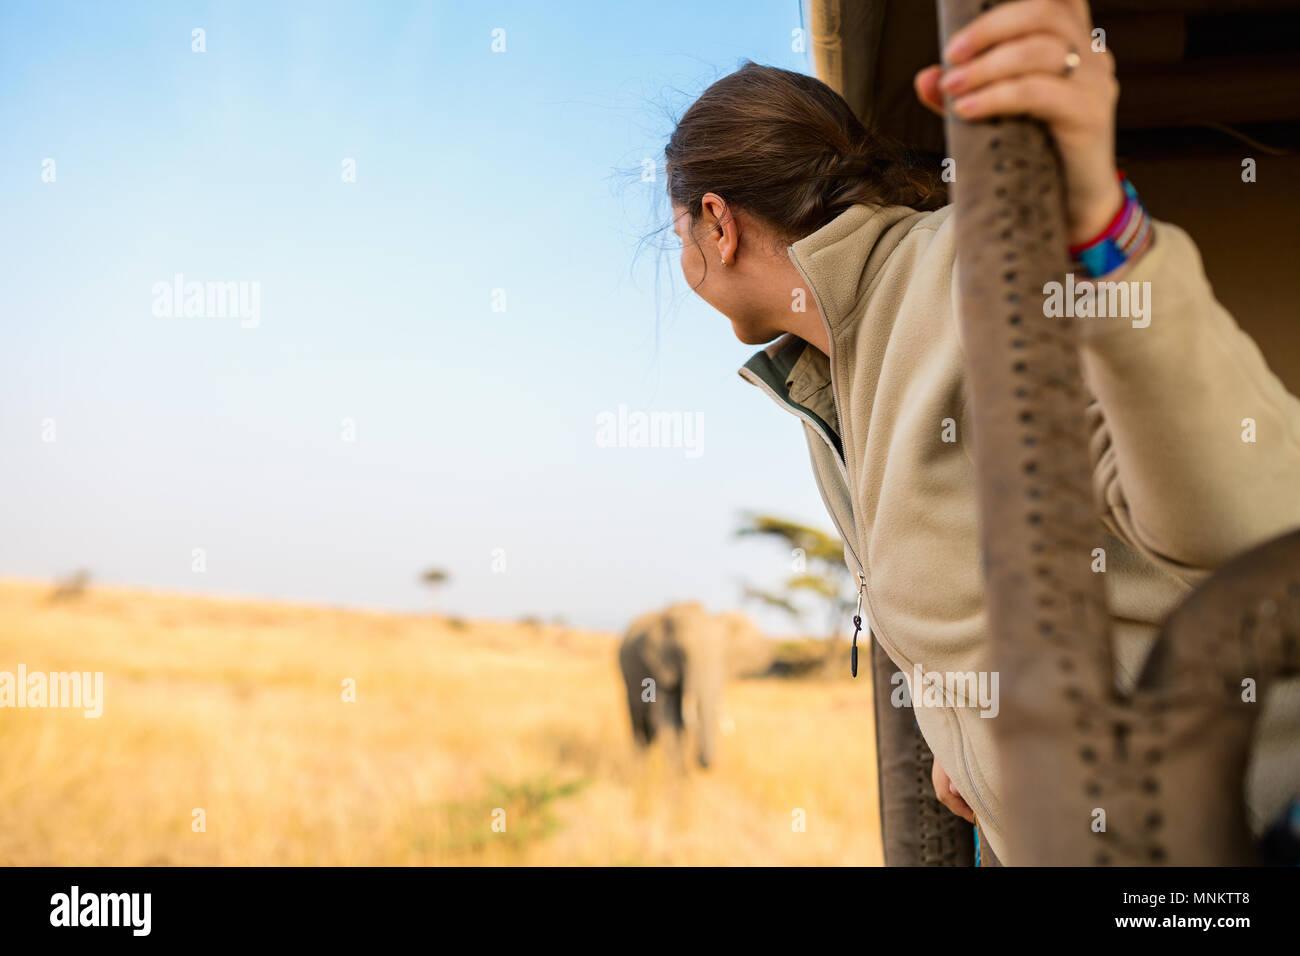 Mujer en safari juego paseo disfrutando de encuentro cercano con los elefantes en Kenia África Imagen De Stock